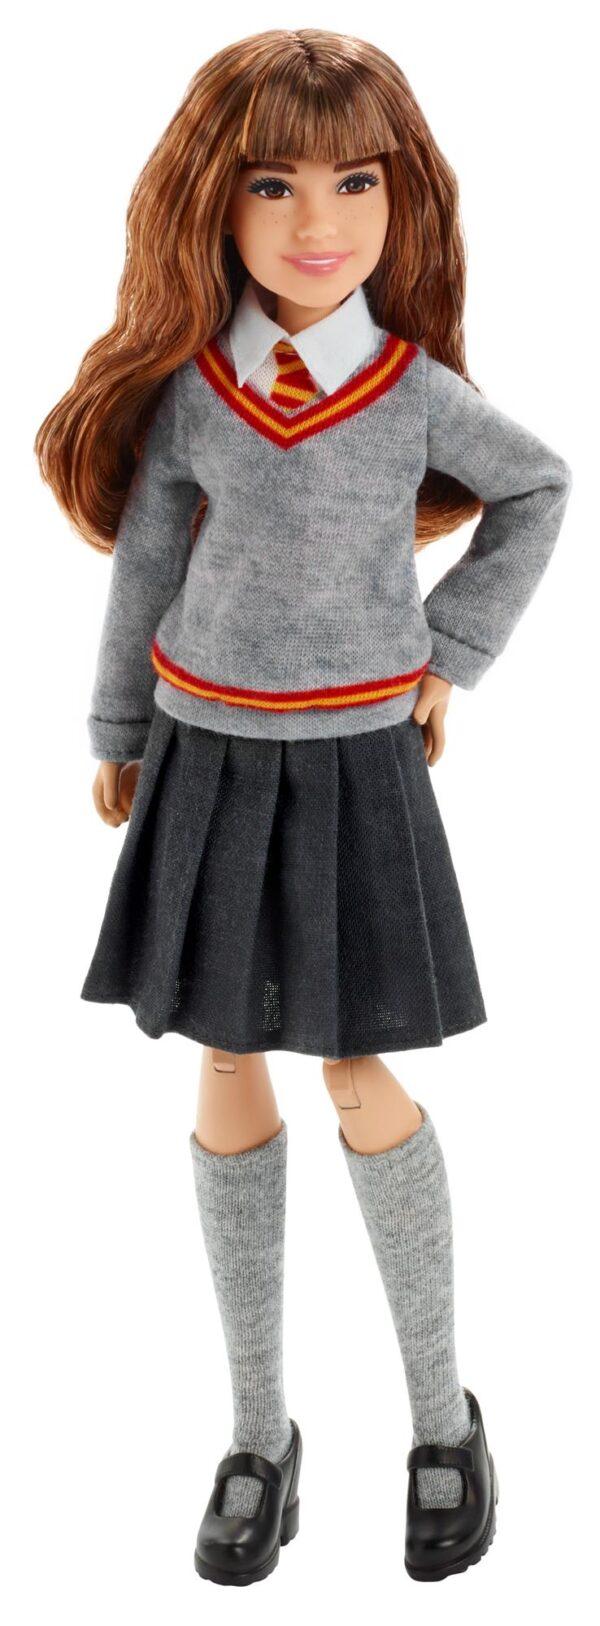 HARRY POTTER Harry Potter e la Camera dei Segreti - personaggio di Hermione Granger ALTRO 12+ Anni, 3-5 Anni, 5-8 Anni, 8-12 Anni Unisex